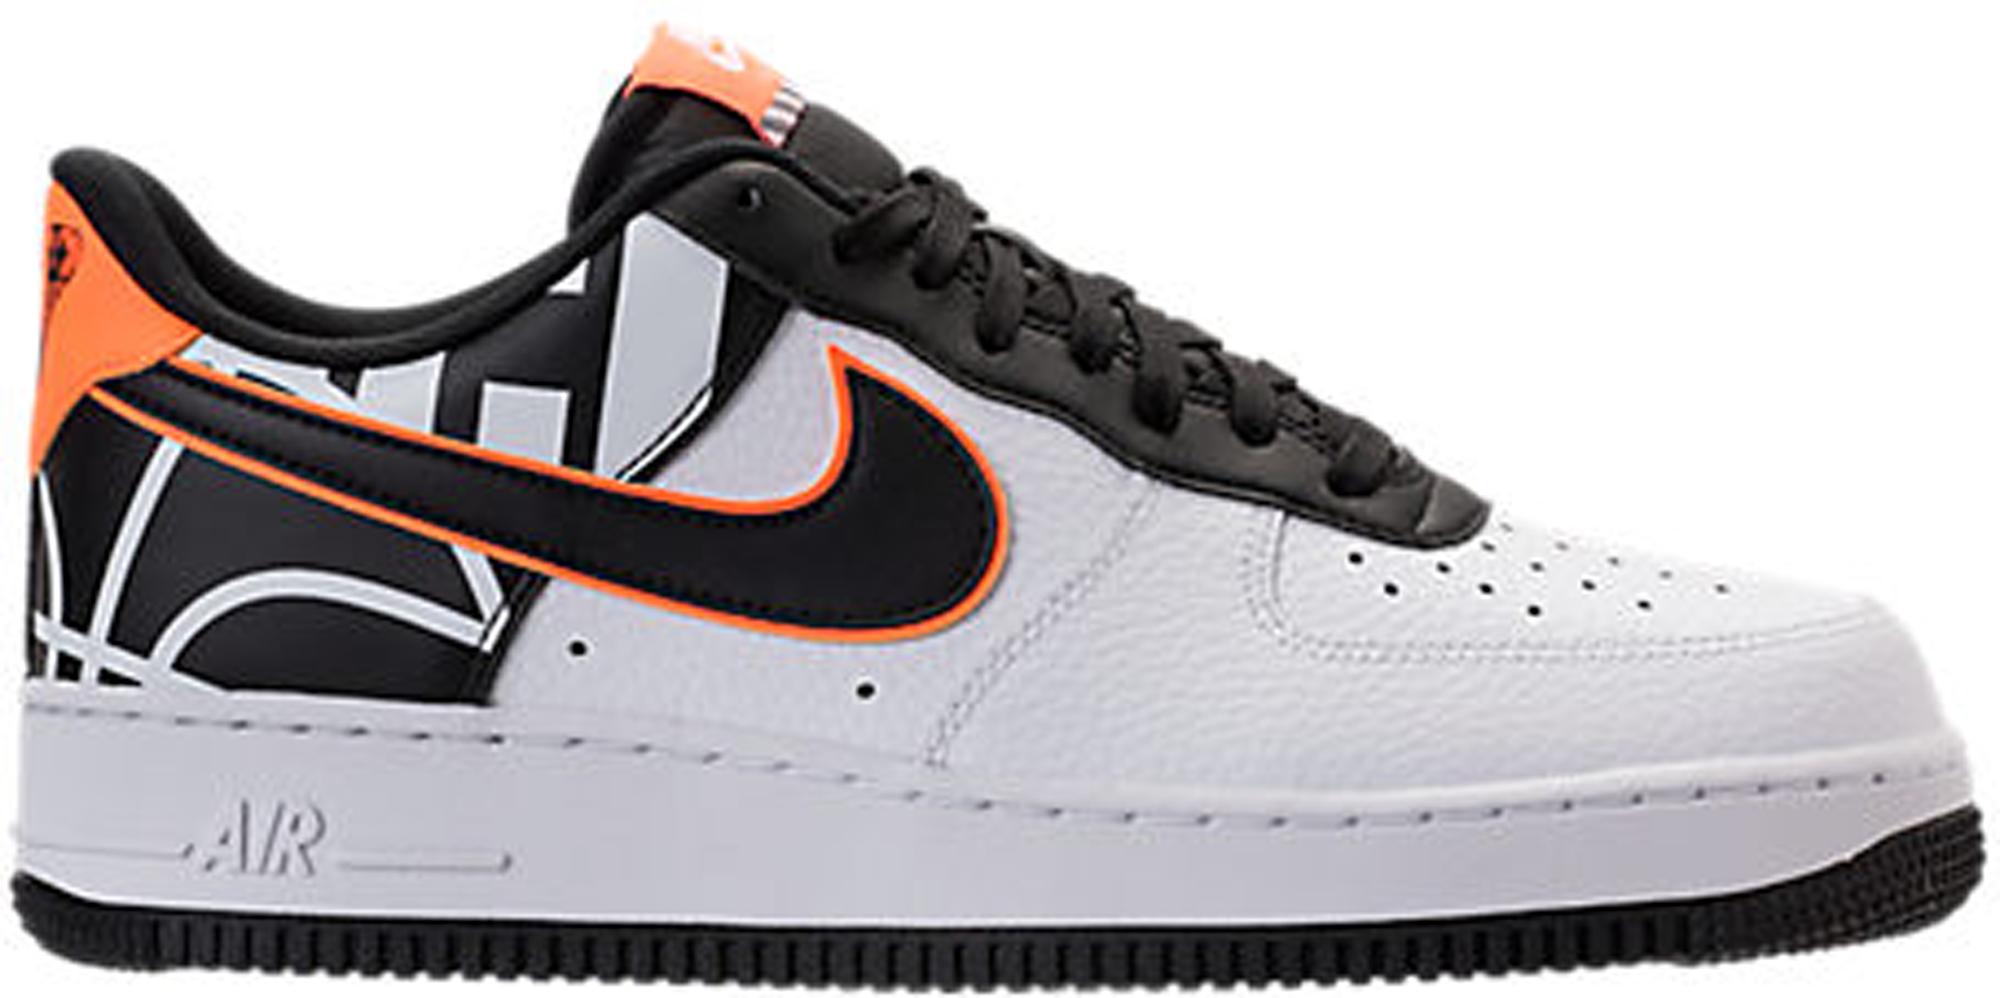 Nike Air Force 1 Faible Orangé